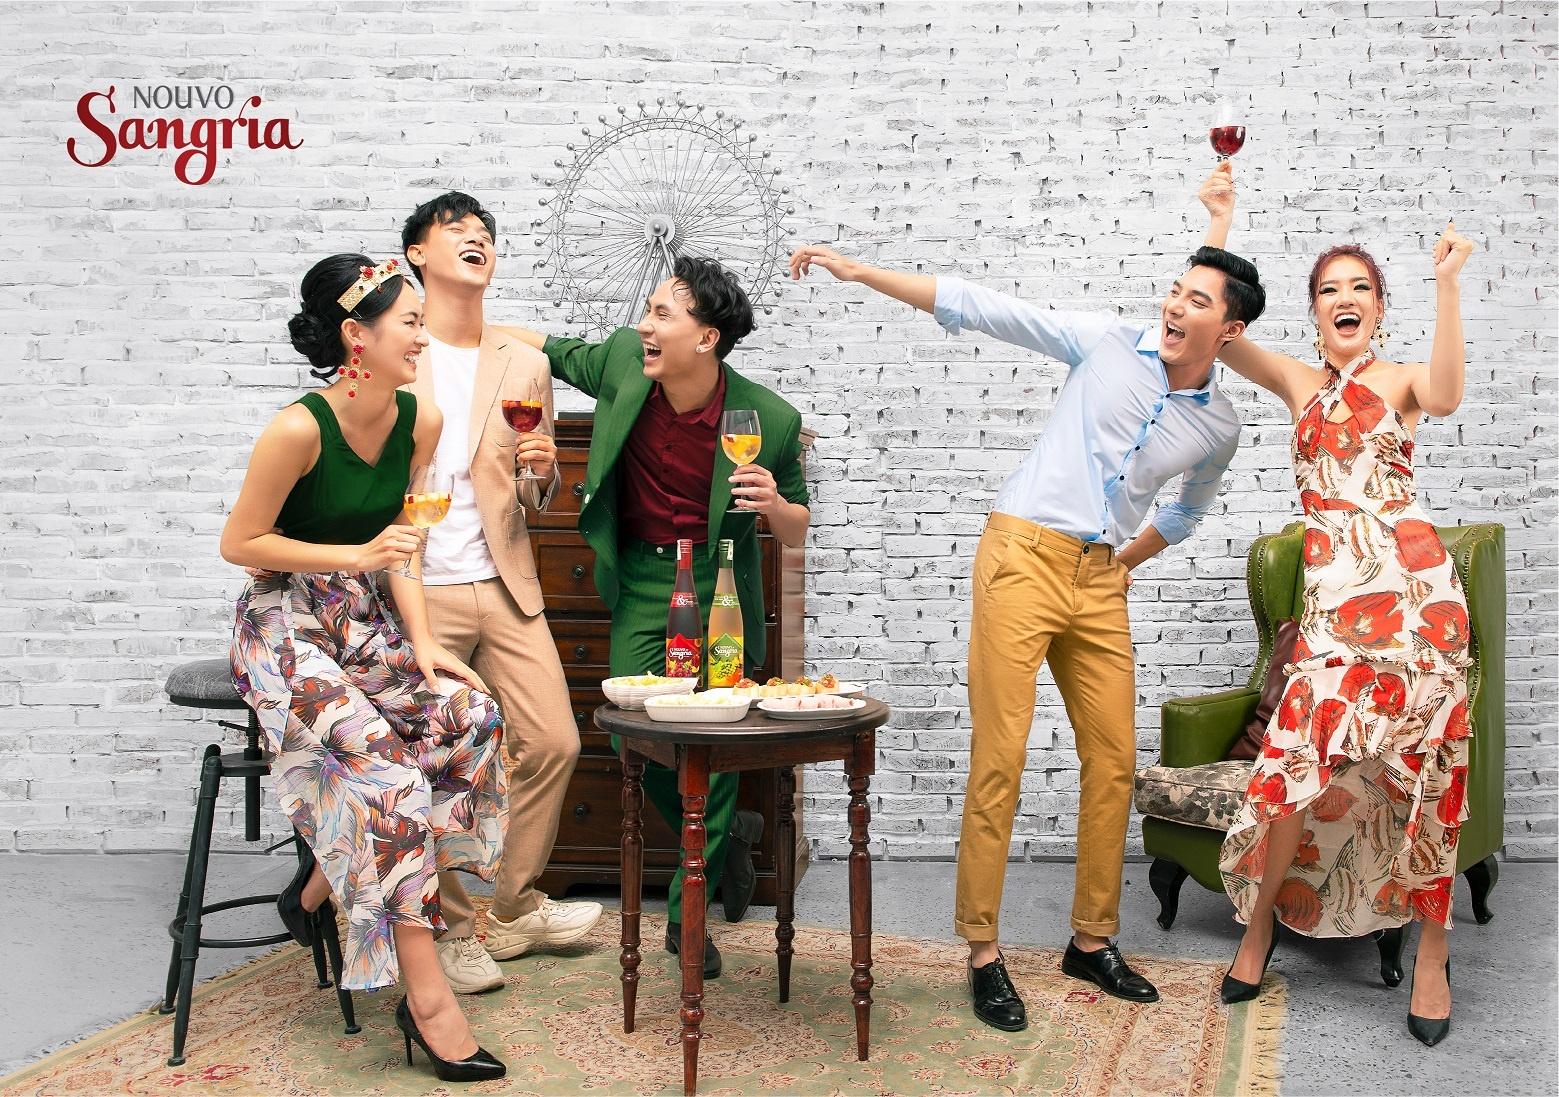 Sangria - thuc uong tiec tung nghin nam cua nguoi Tay Ban Nha hinh anh 8